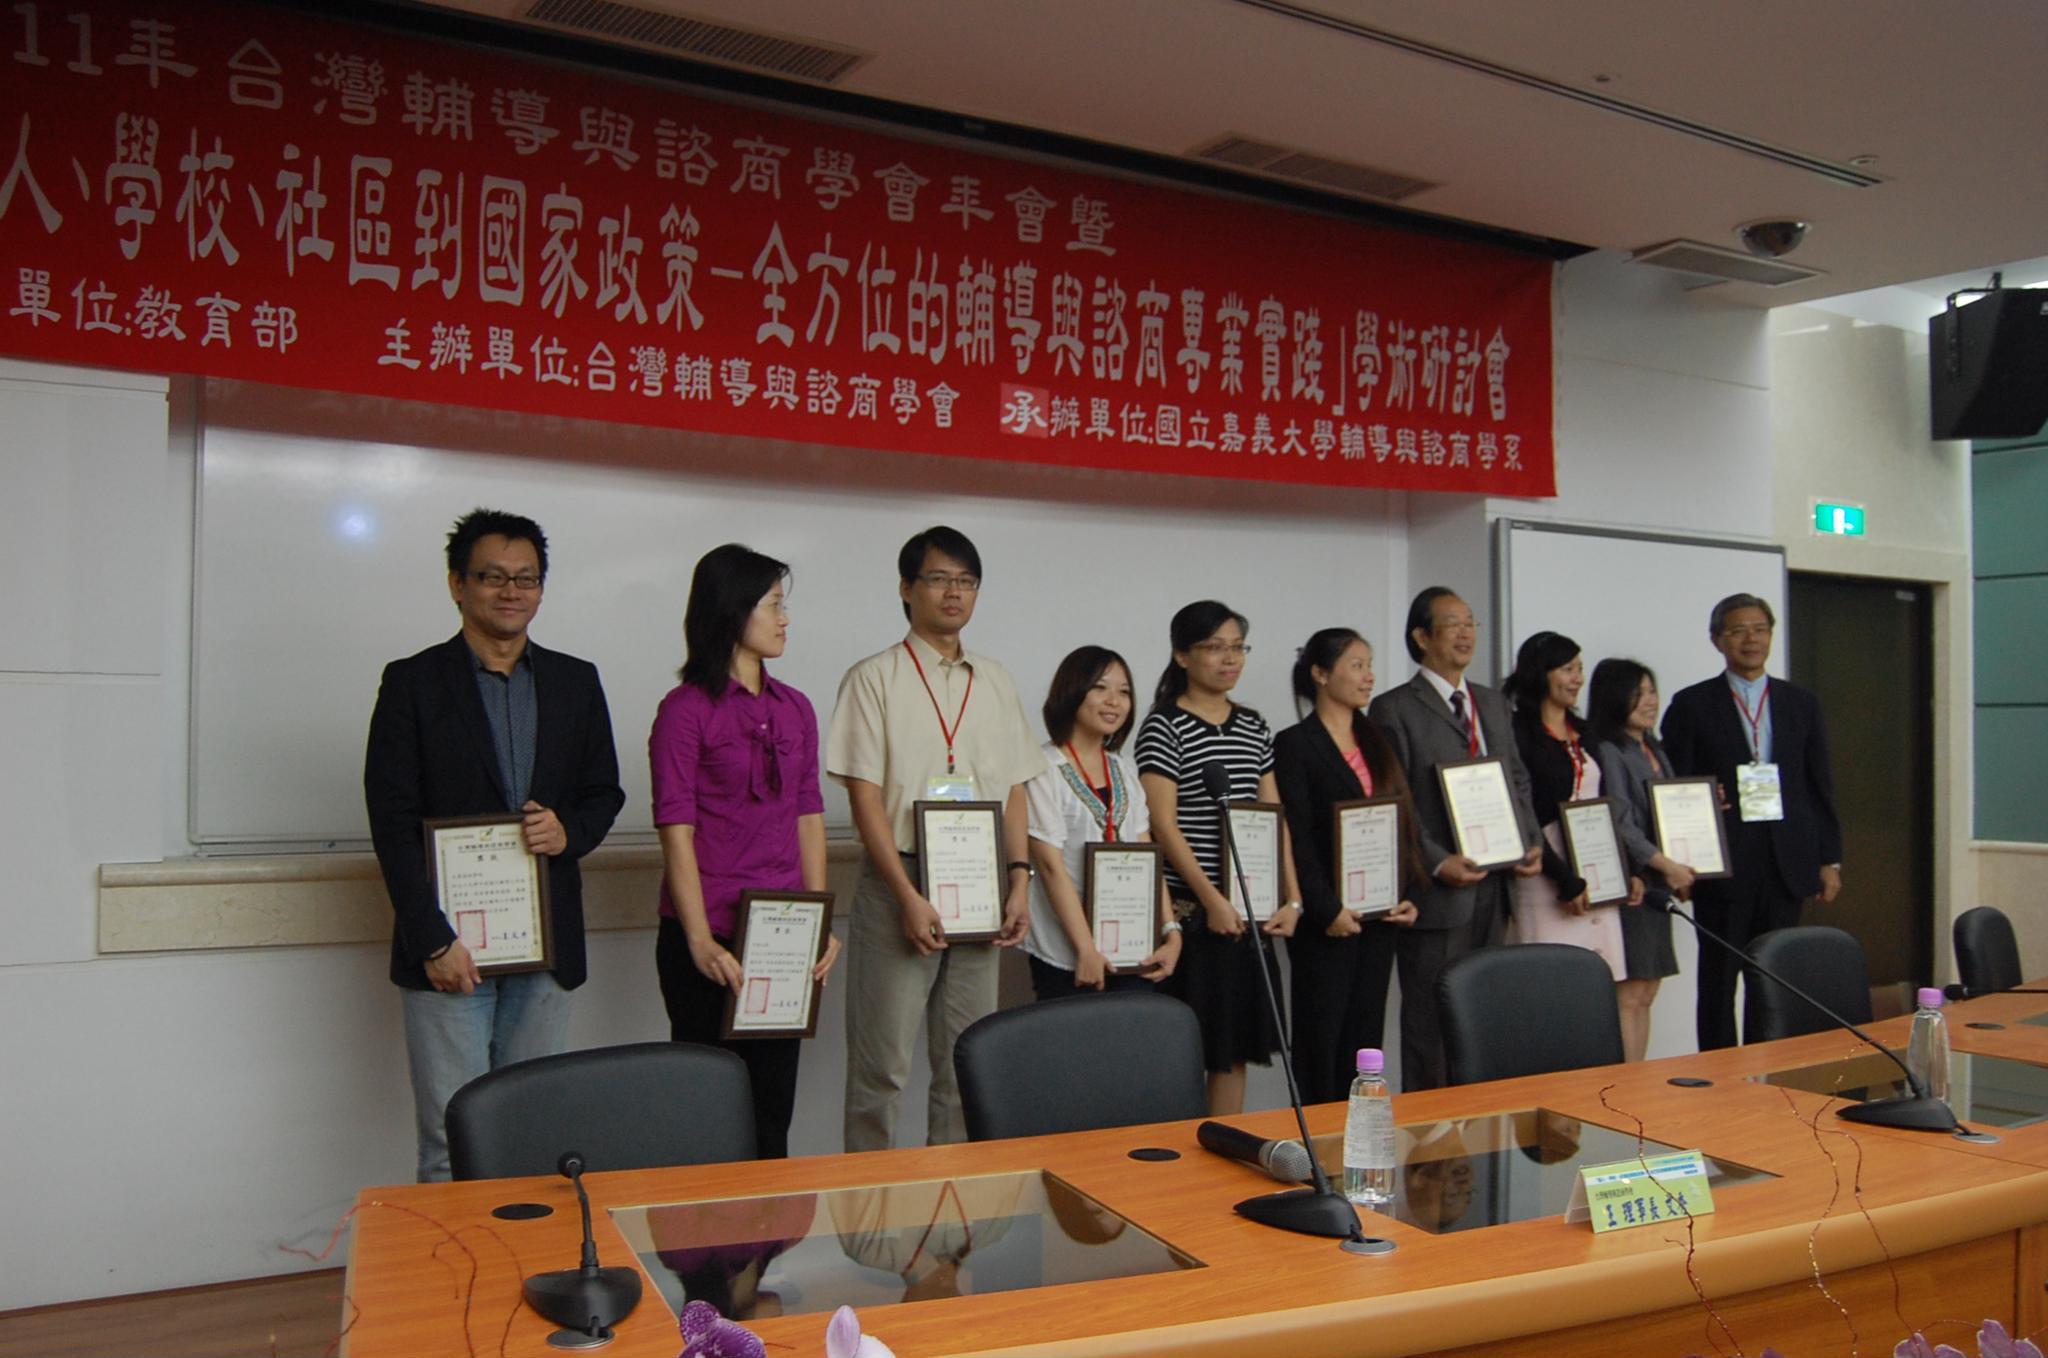 賀!本校第六度榮獲「推行輔導工作績優學校」表揚